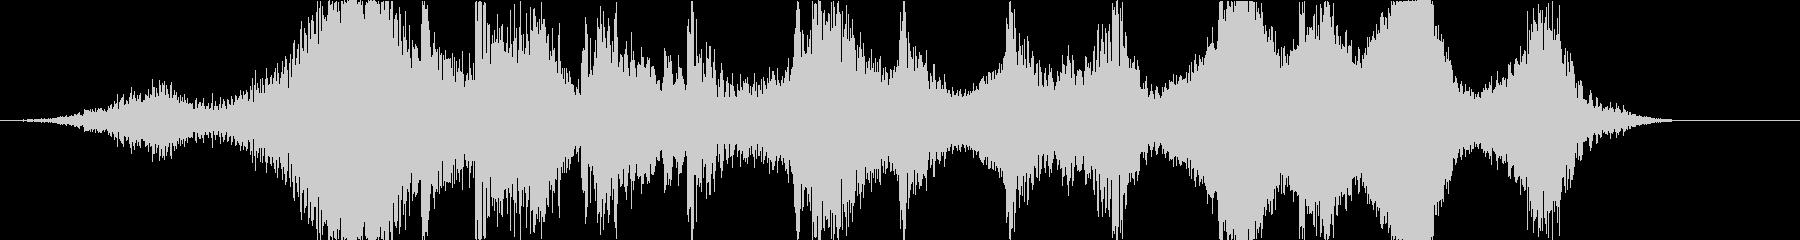 世紀末に合うホラージングルの未再生の波形